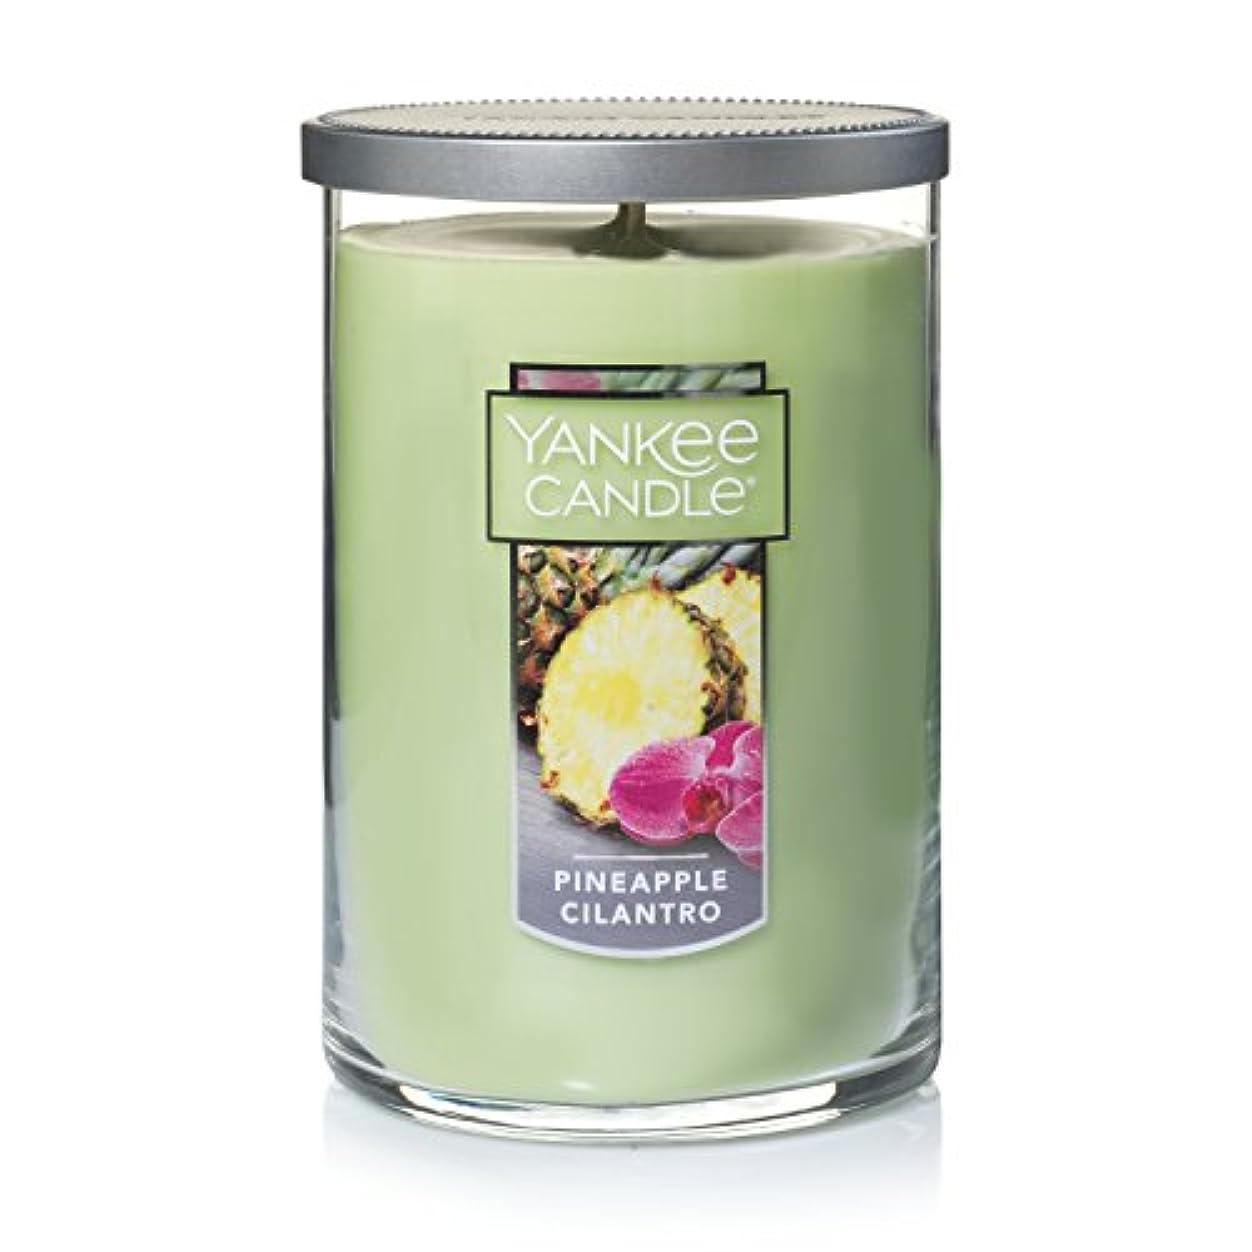 ローズ霜不完全なYankee Candle ビンキャンドル パイナップル シラントロ Large 2-Wick Tumbler Candle グリーン 1174264Z